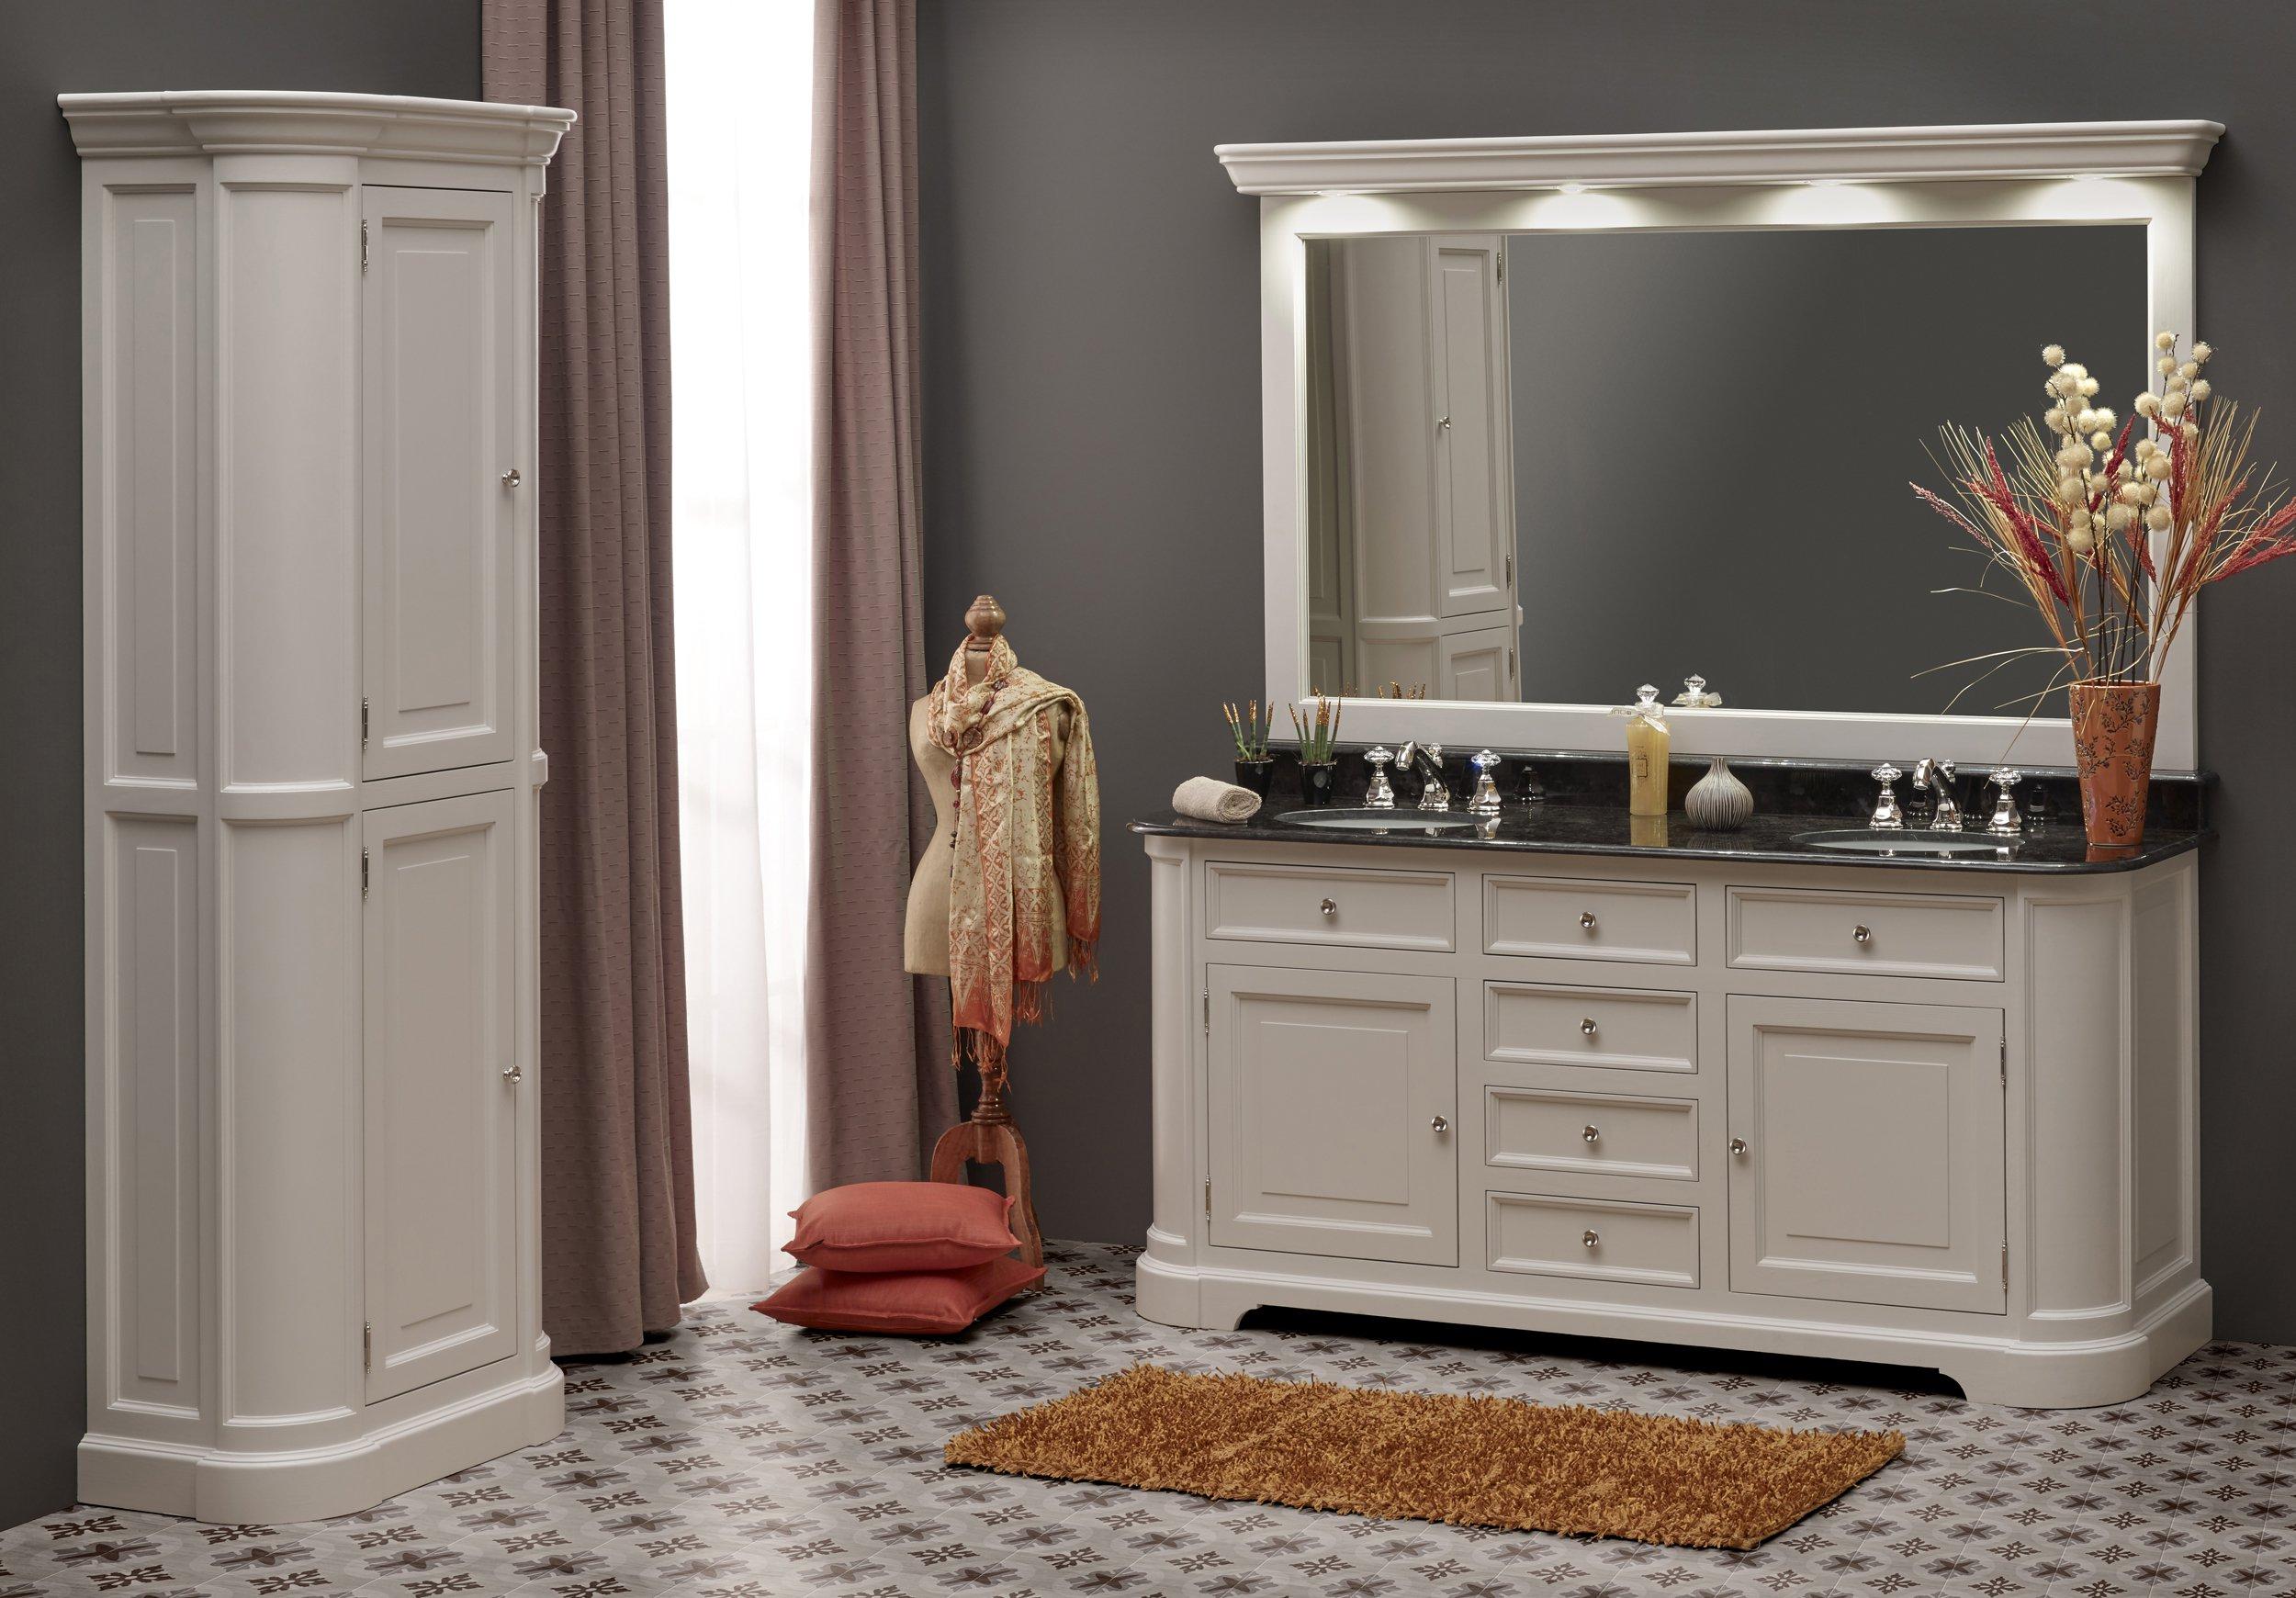 Verwonderlijk Elysée 185 badkamer meubel (2 waskommen) KL-89